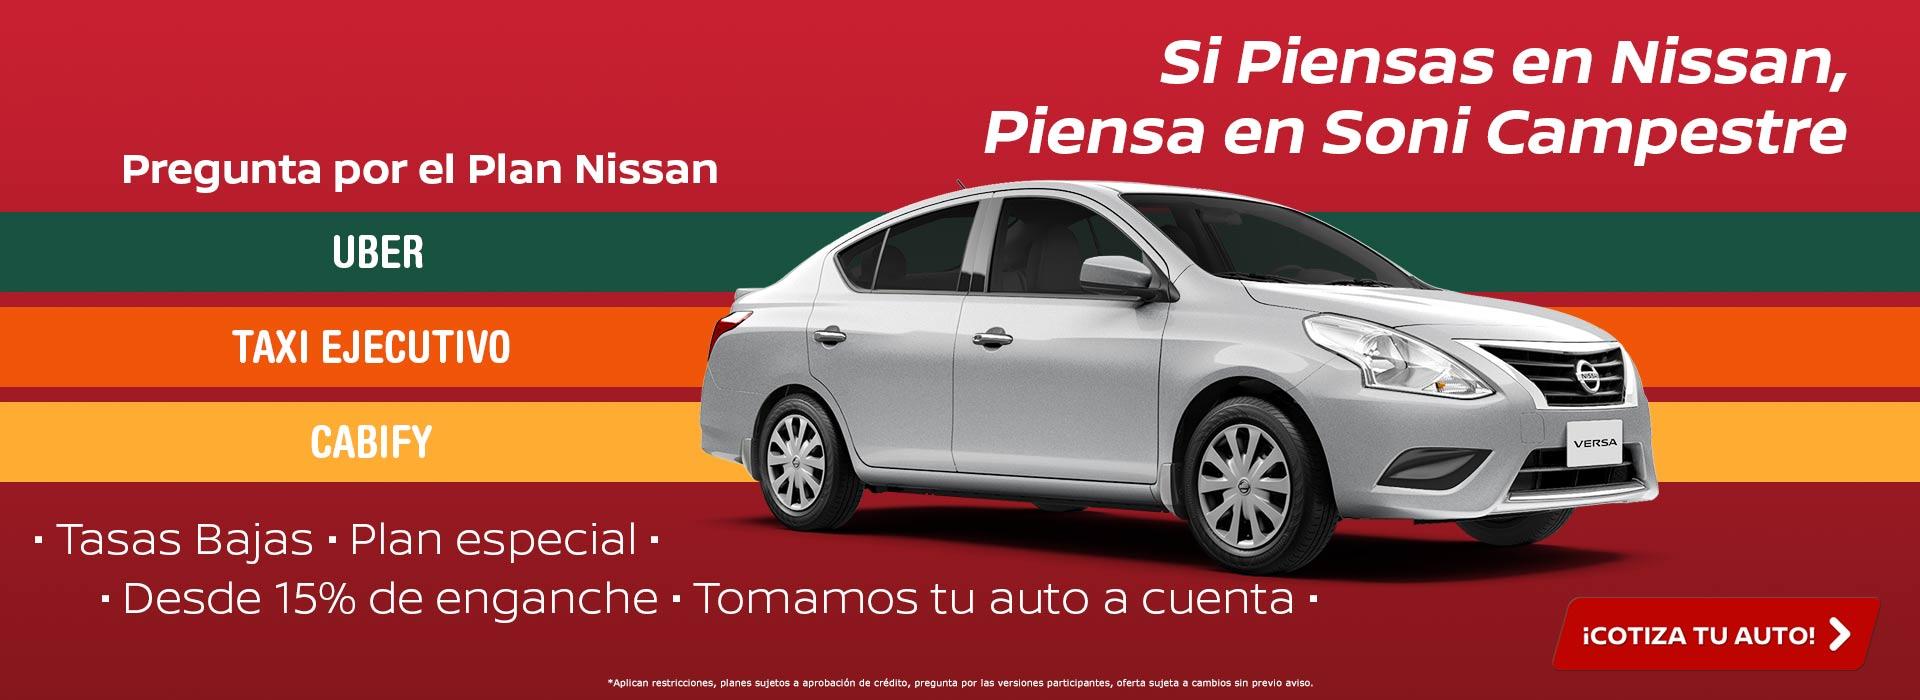 Si piensas en Nissan, piensa en SONI Campestre